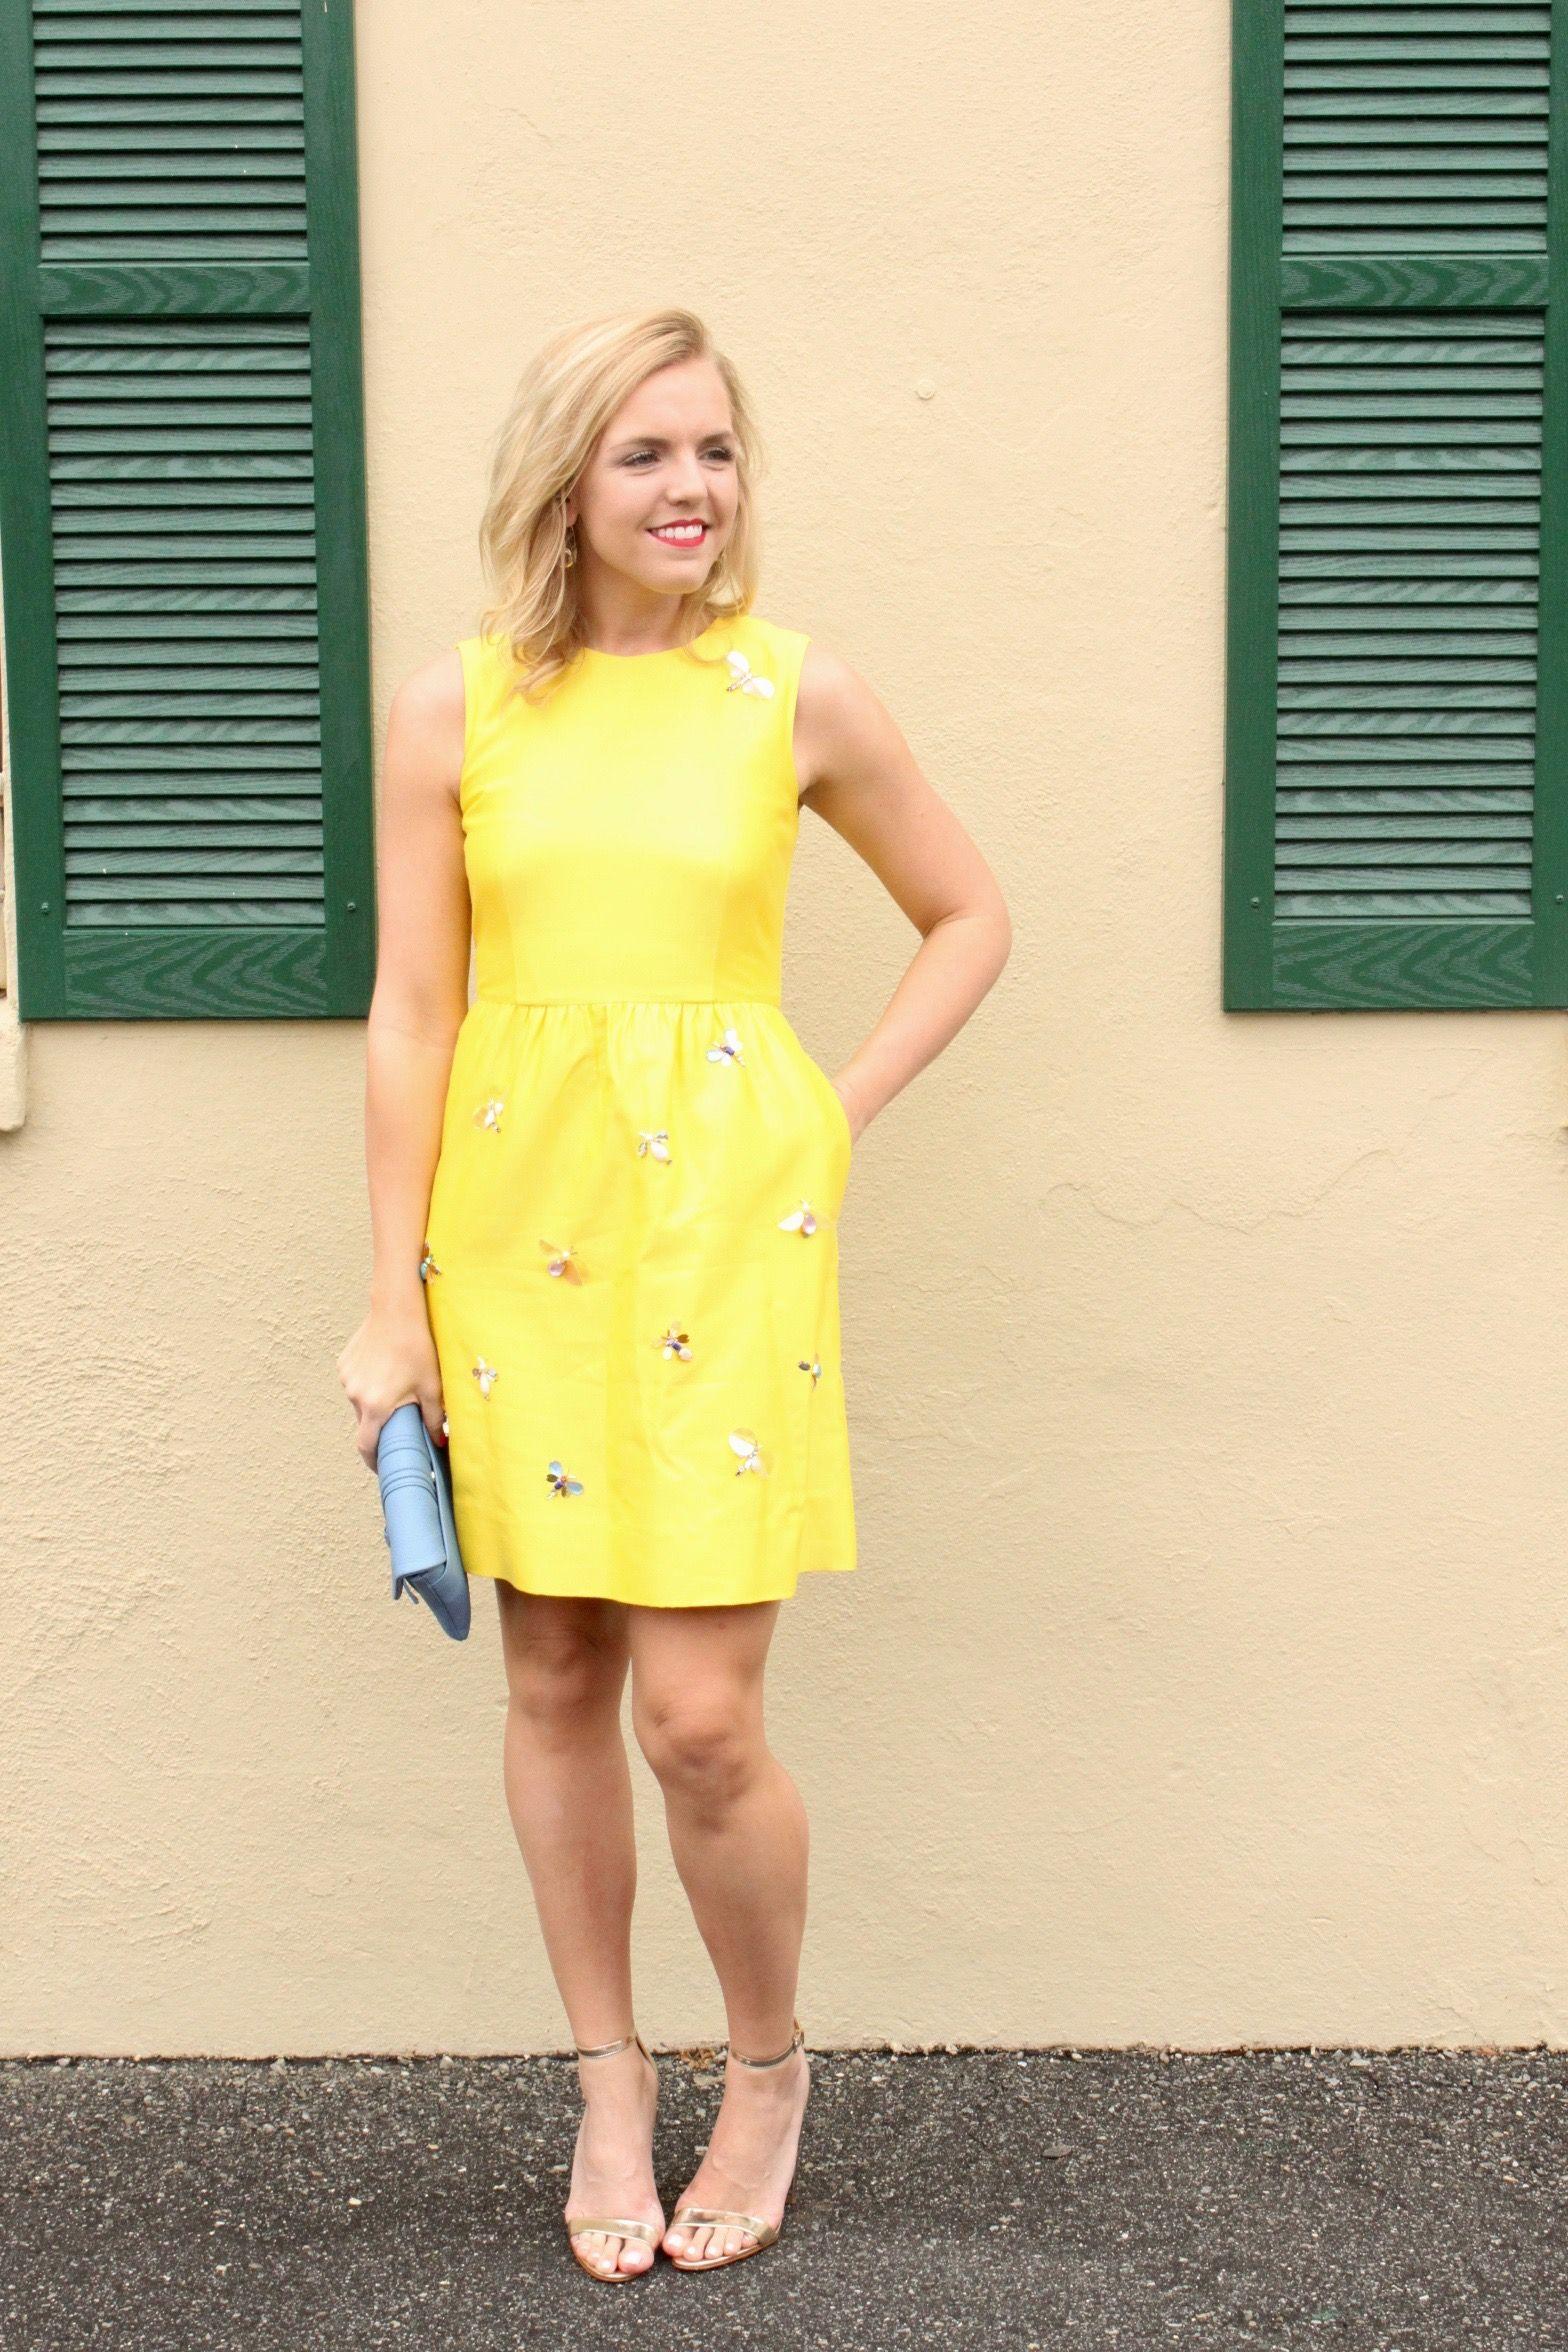 Yellow Embellished Dress Reese S Hardwear Fashion Blog Embellished Dress Fashion Dresses [ 2352 x 1568 Pixel ]